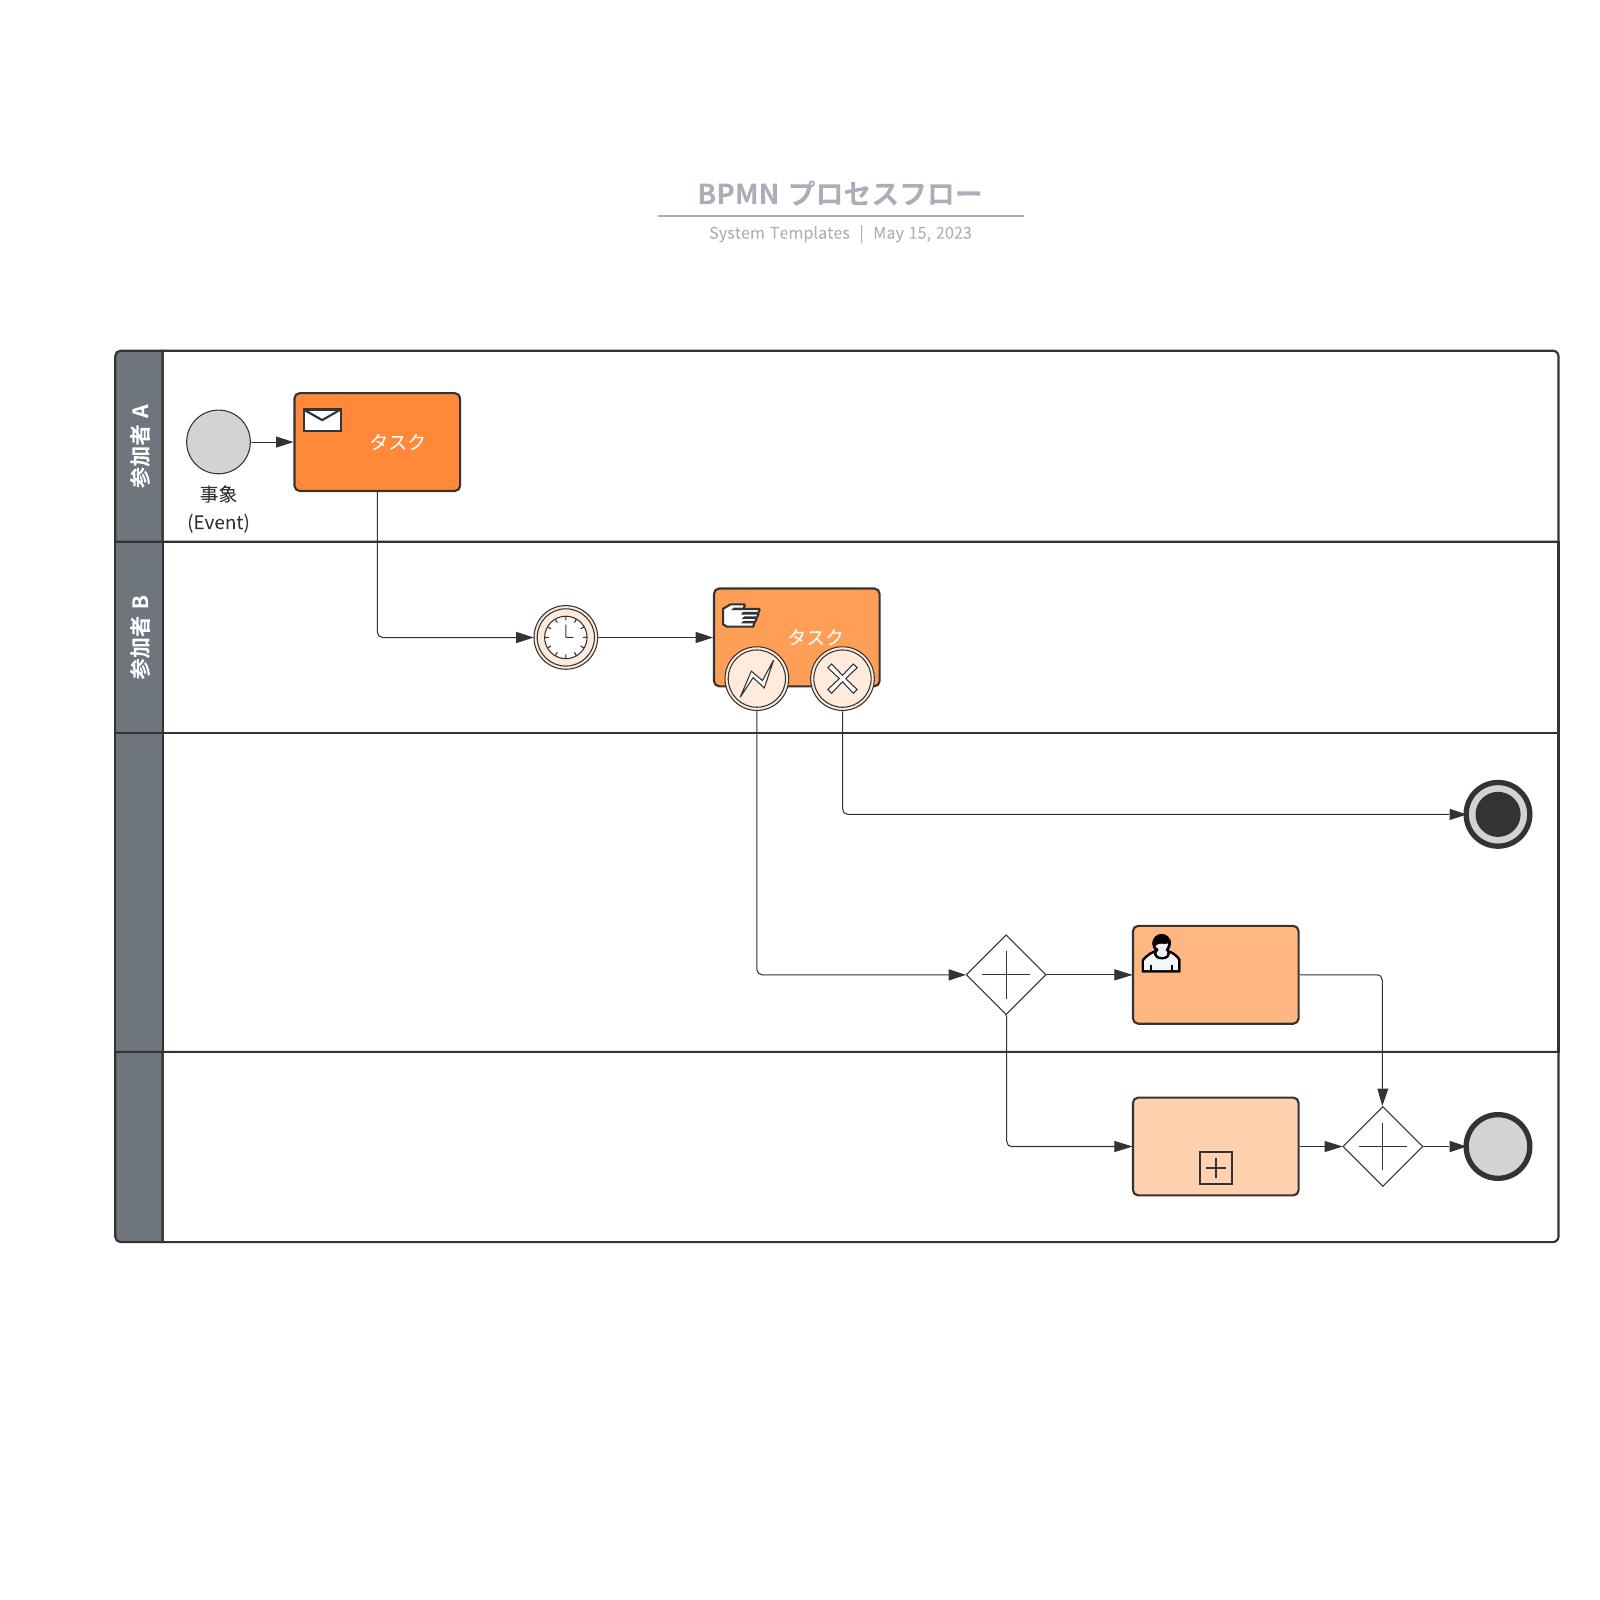 BPMN プロセスフロー参考例